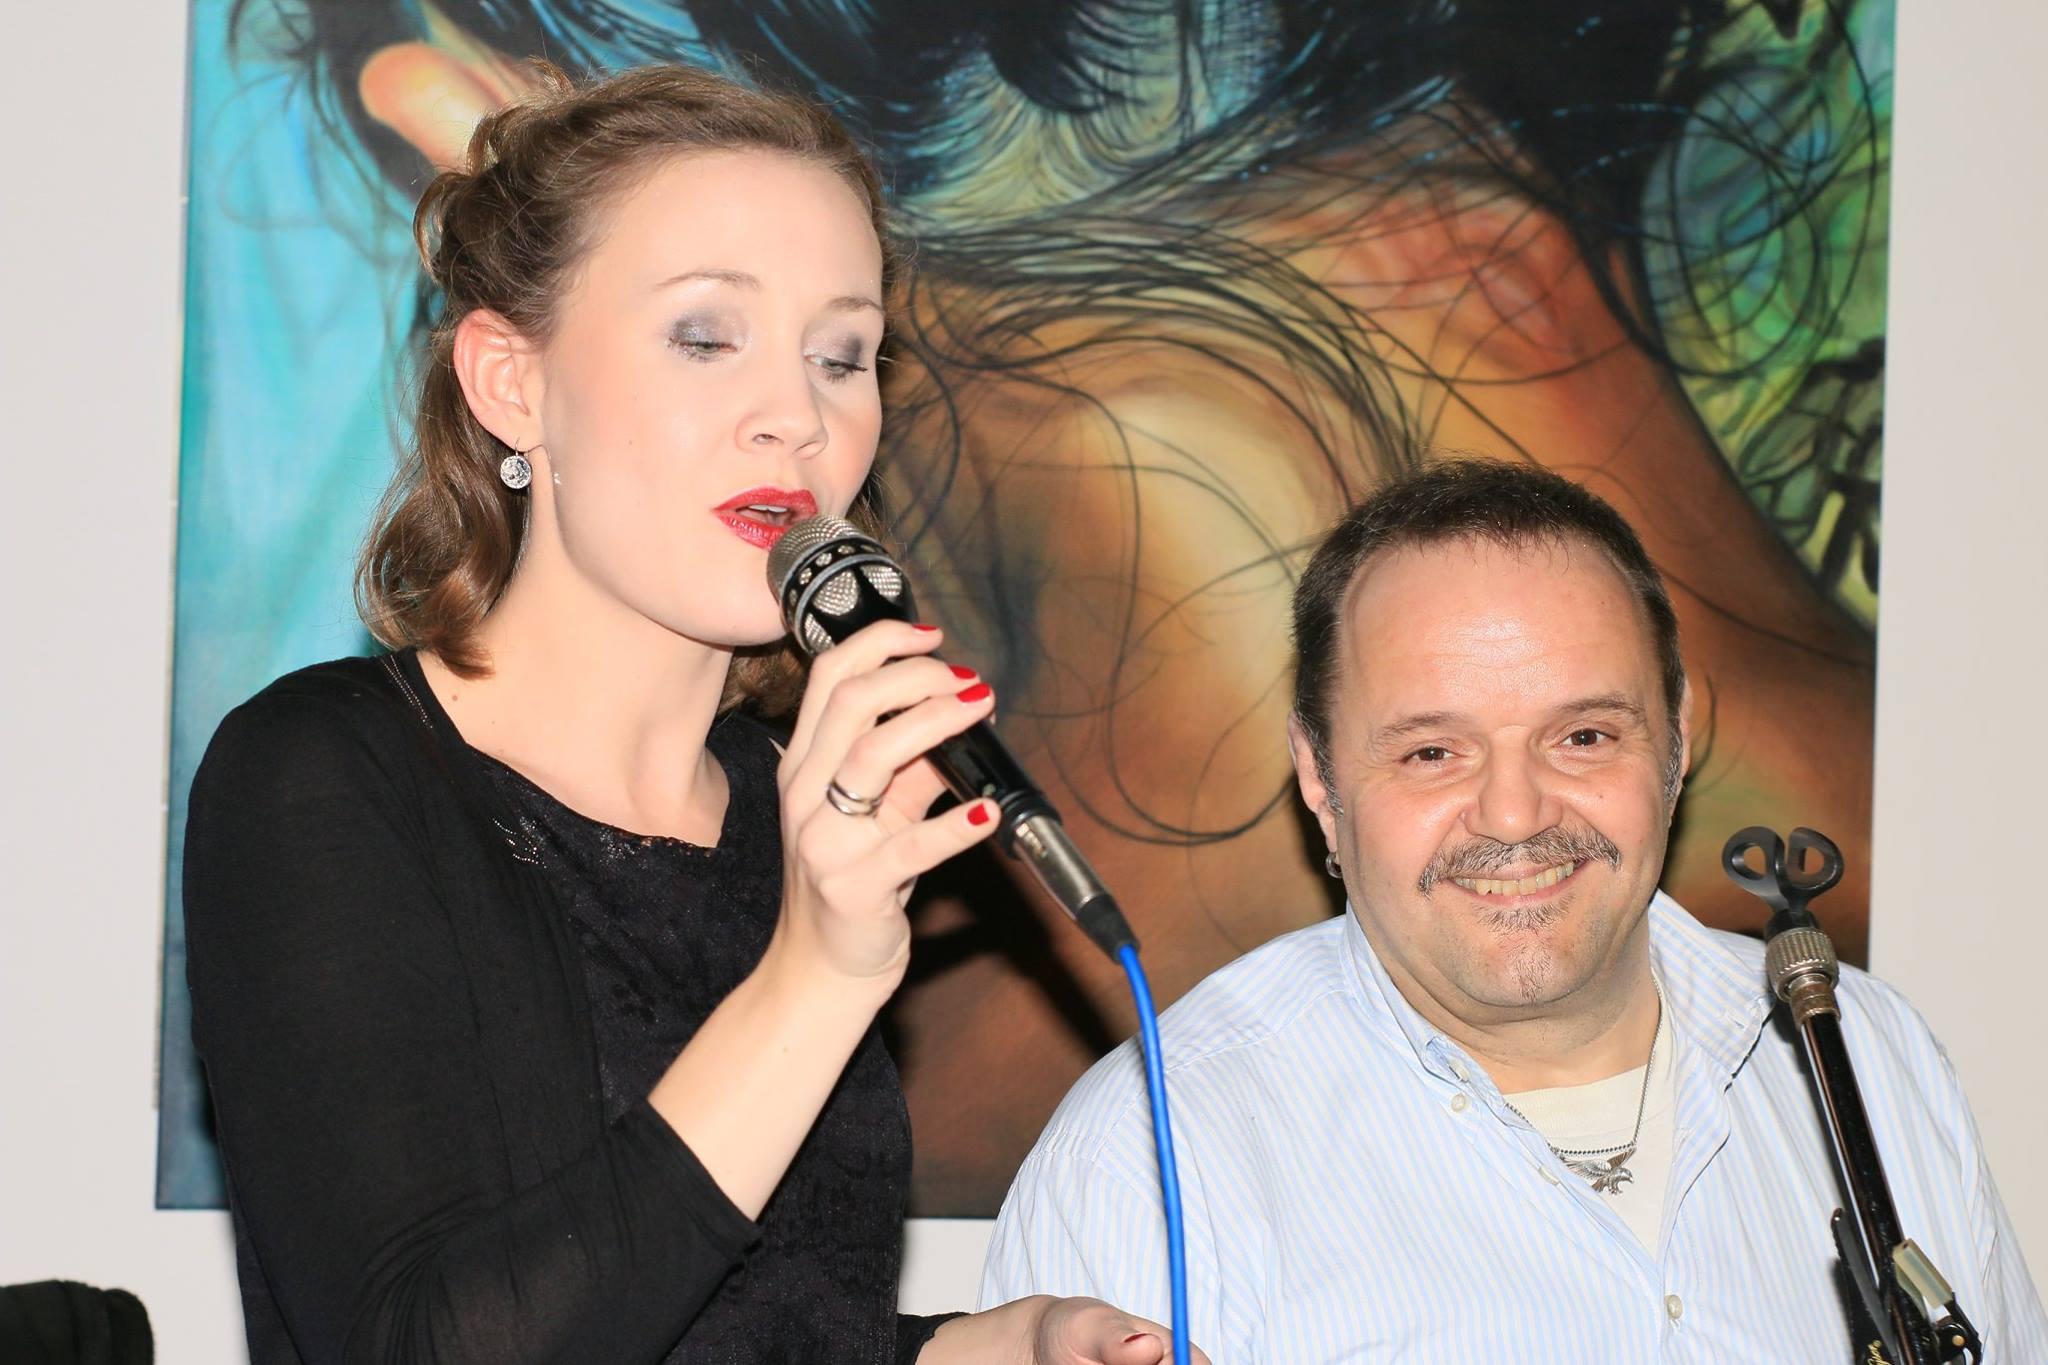 Sängerin am Mikrofon